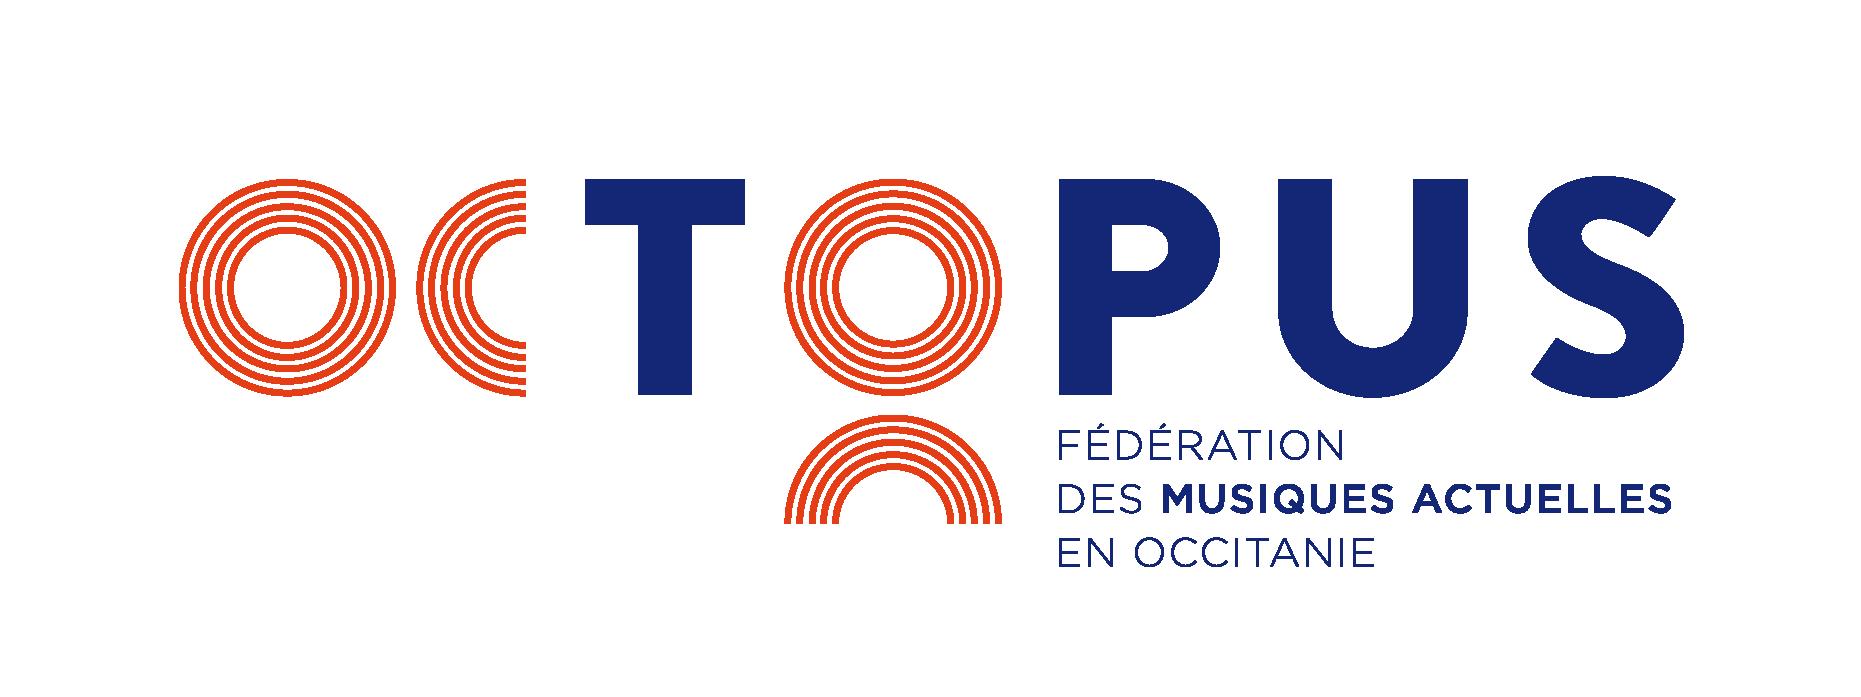 Fédération Octopus